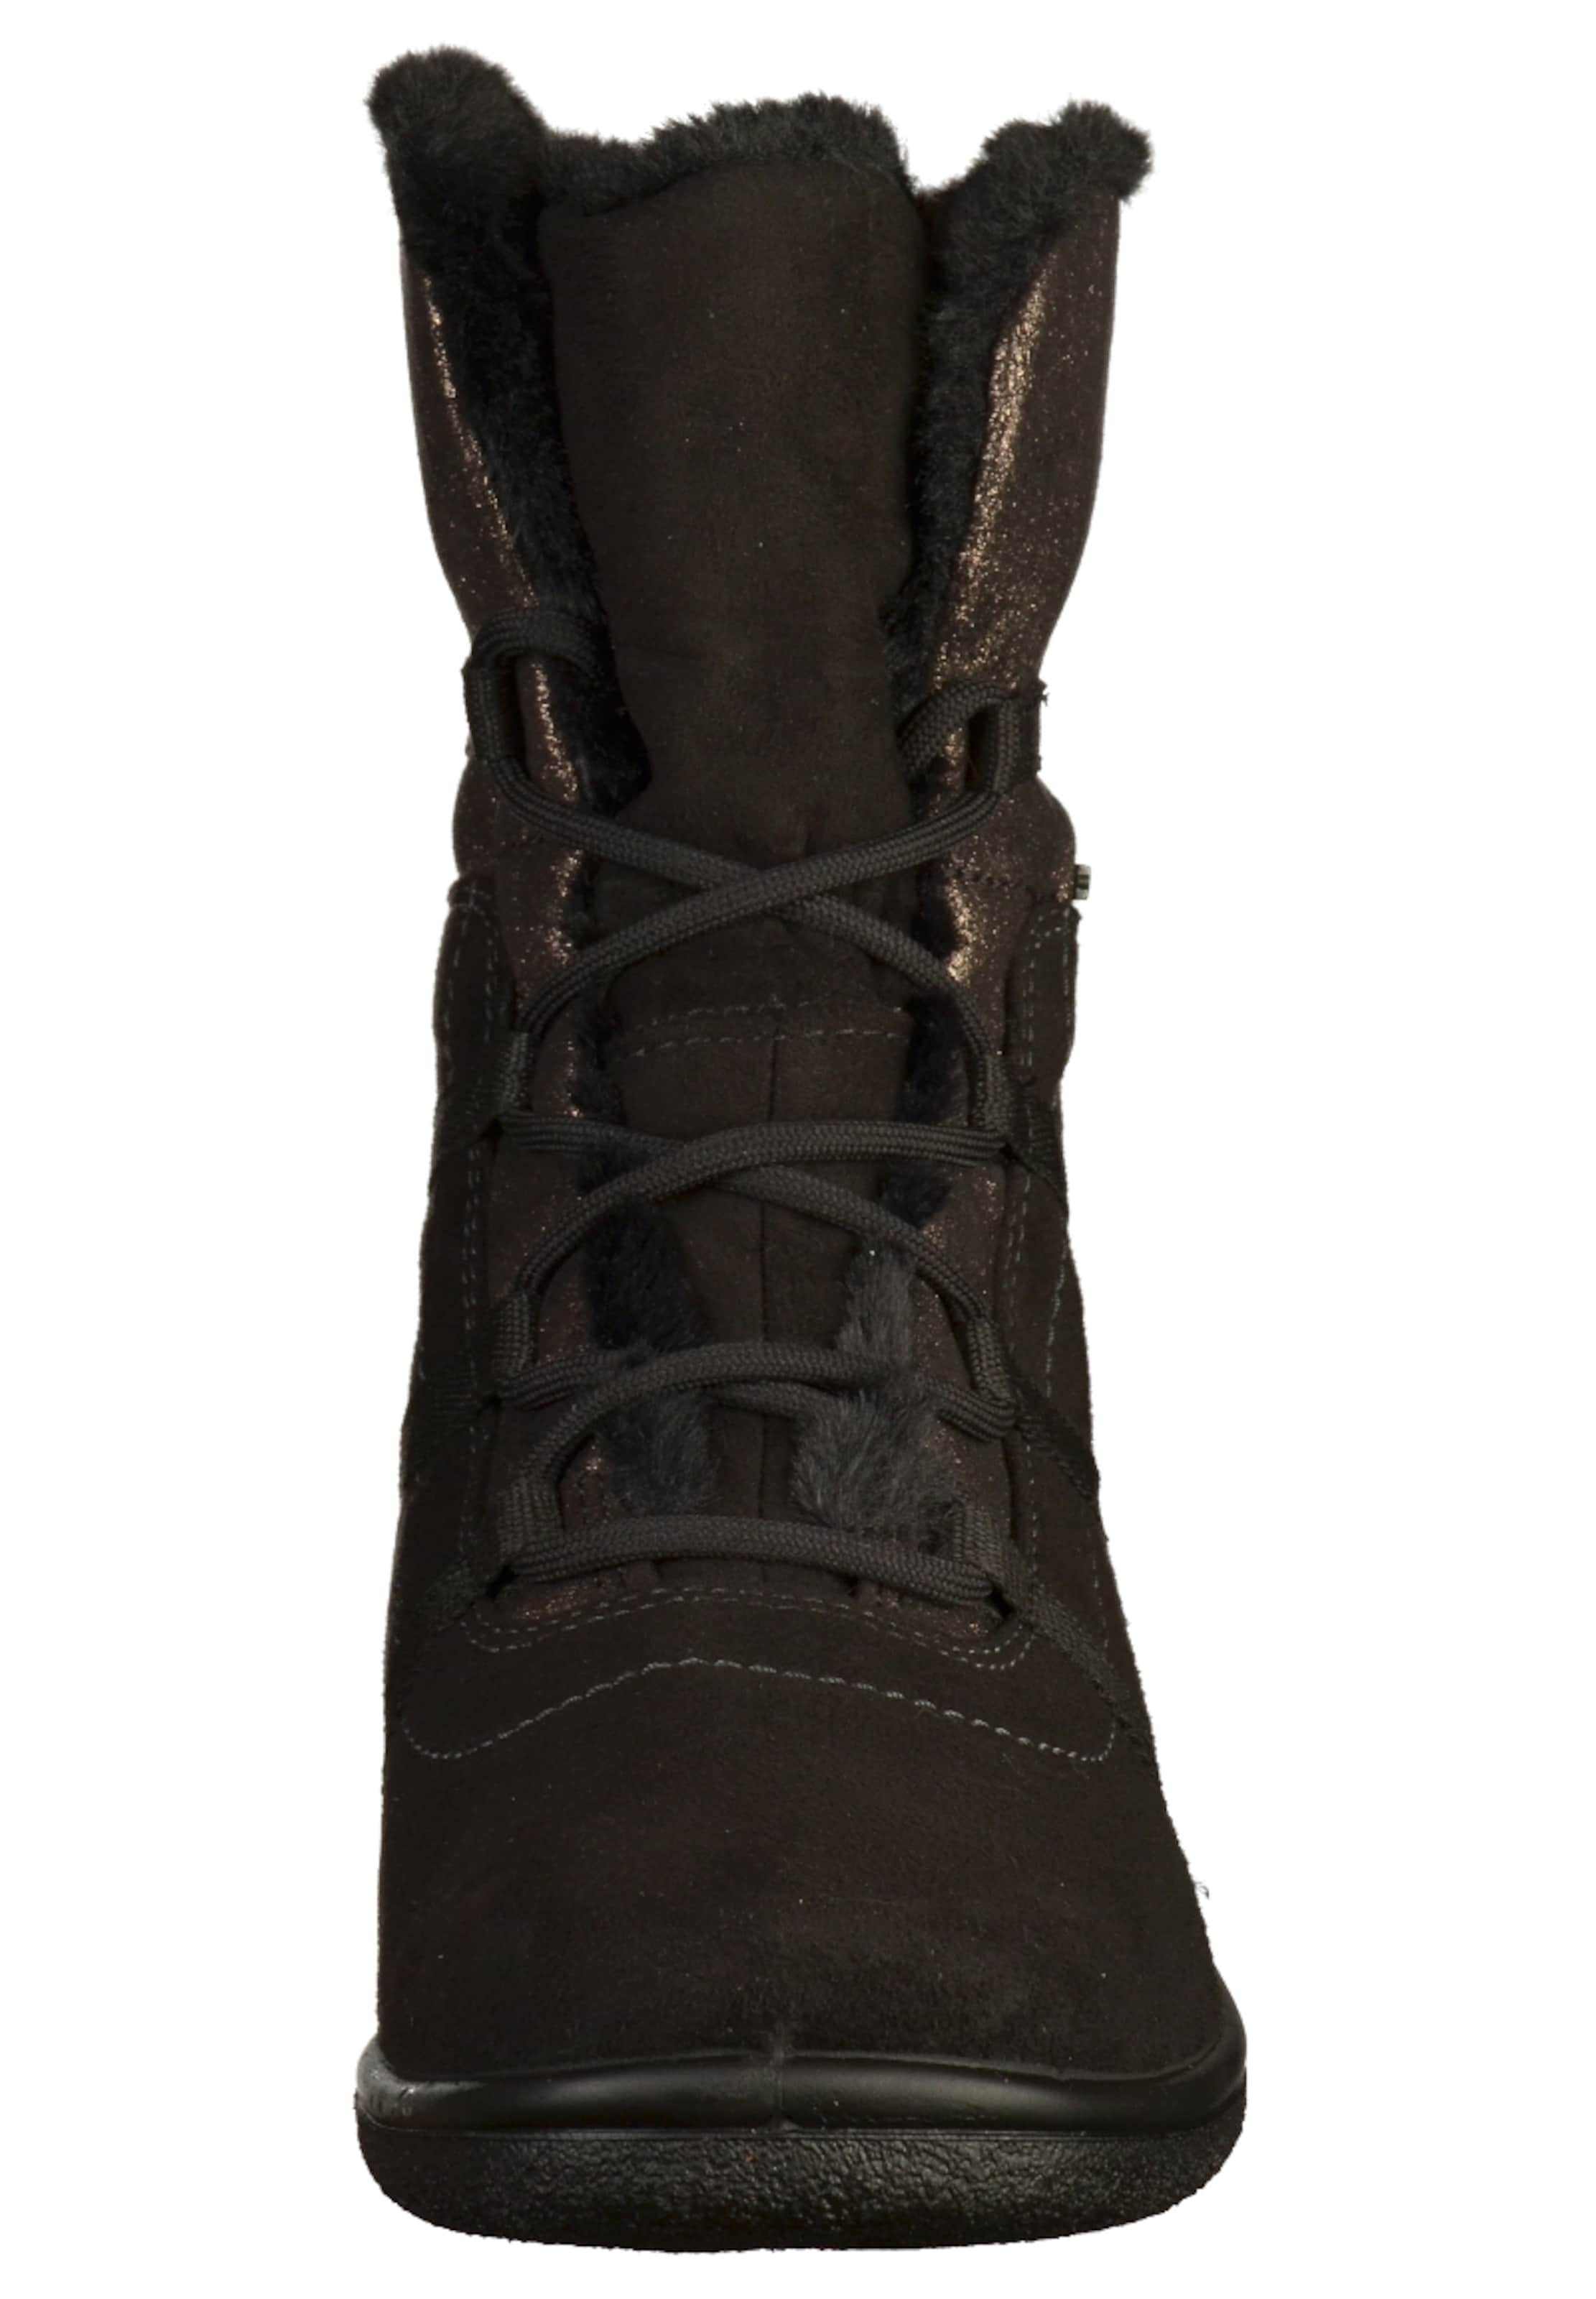 ARA Stiefelette sonstiges sonstiges Stiefelette Material Bequem, gut aussehend 3dd1fa